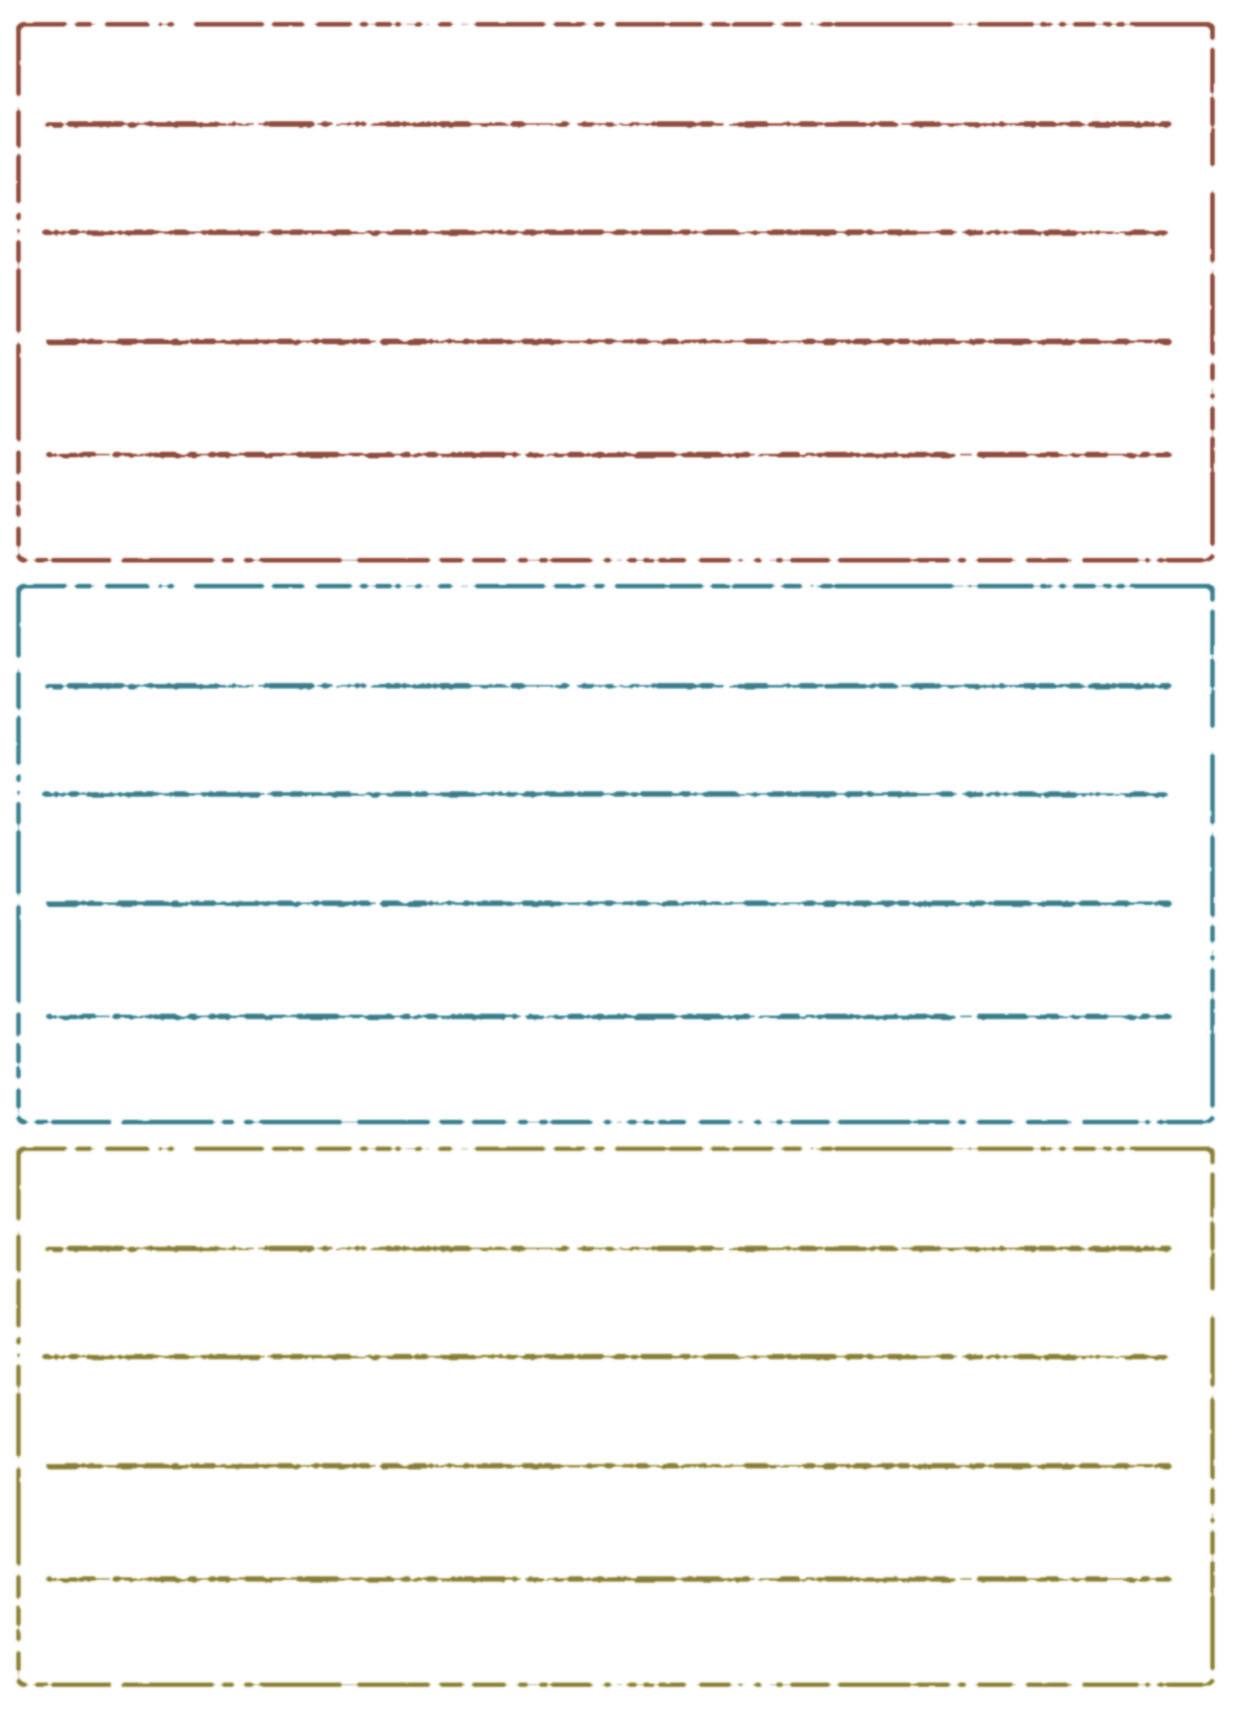 ... 便箋テンプレート : 便箋 テンプレート シンプル : すべての講義